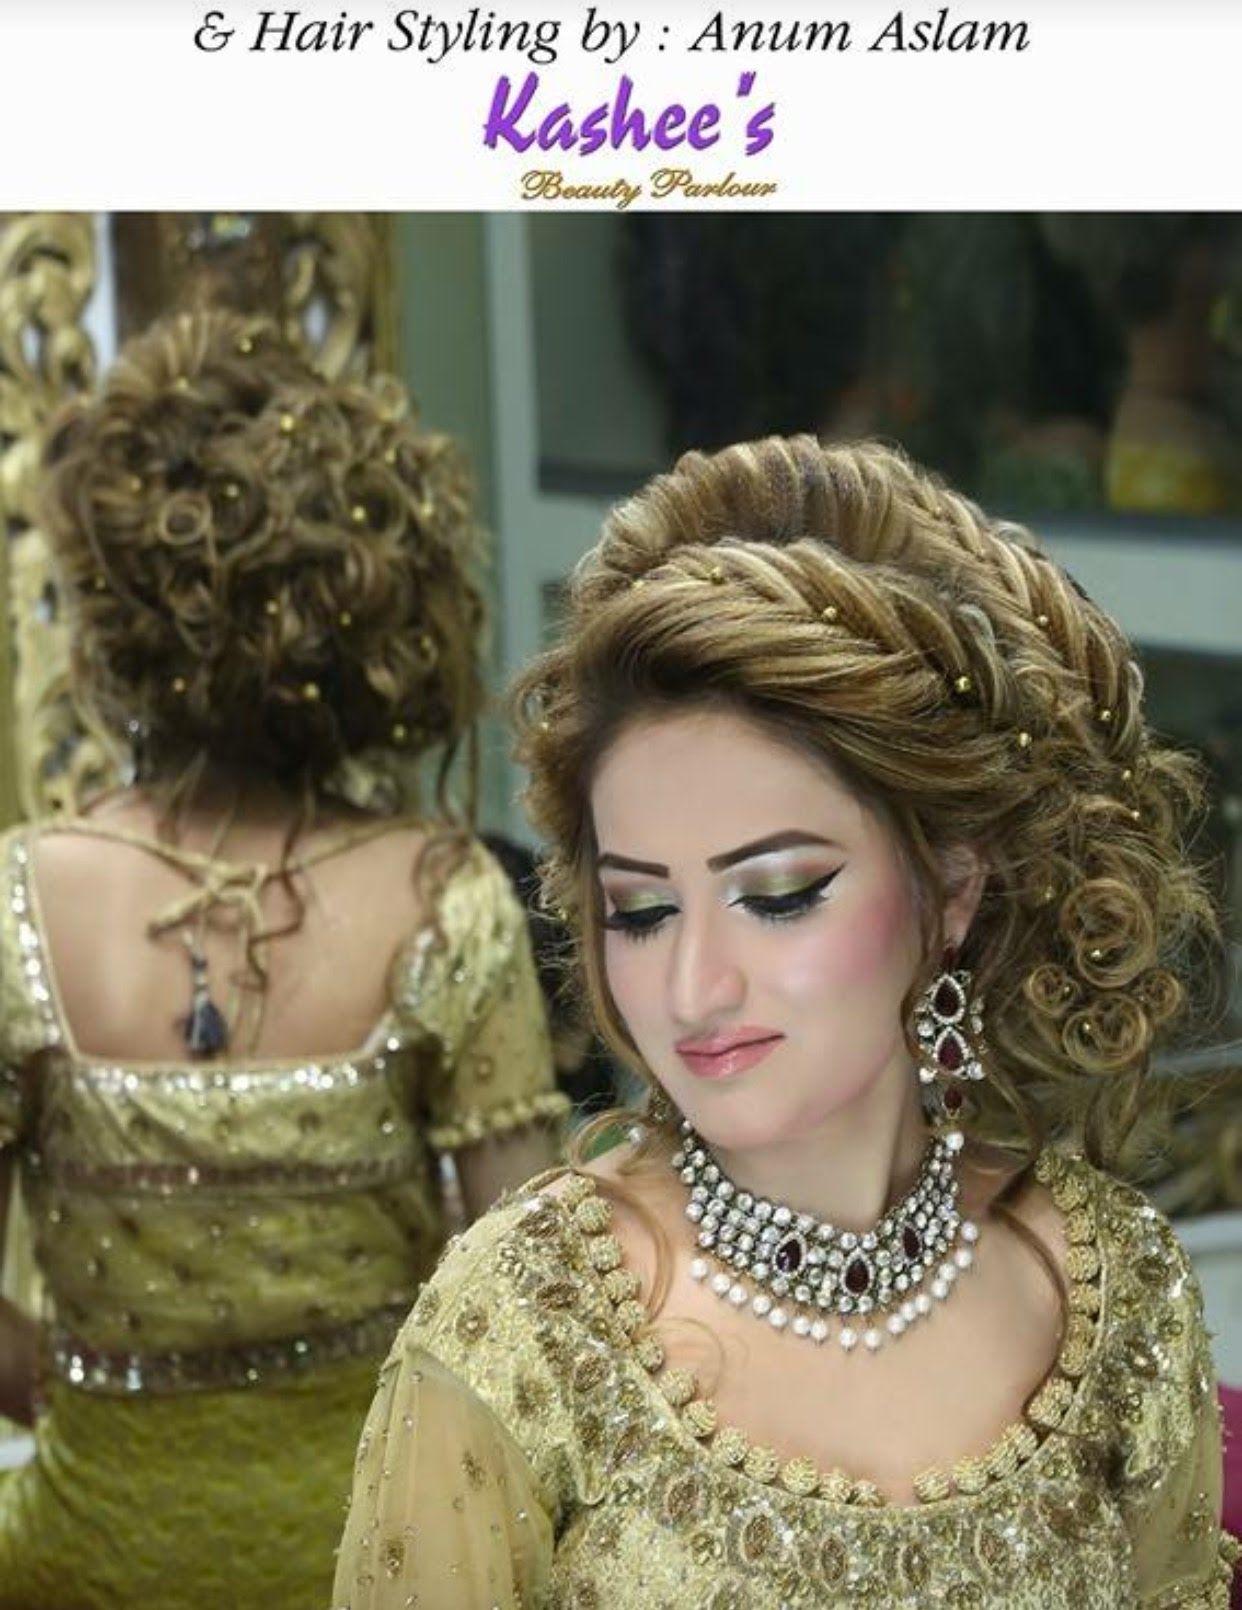 Pakistanische Brautfrisur Bilder Bilder Brautfrisur Pakistanische Pakistani Bridal Hairstyles Bride Hairstyles Bridal Hair Buns